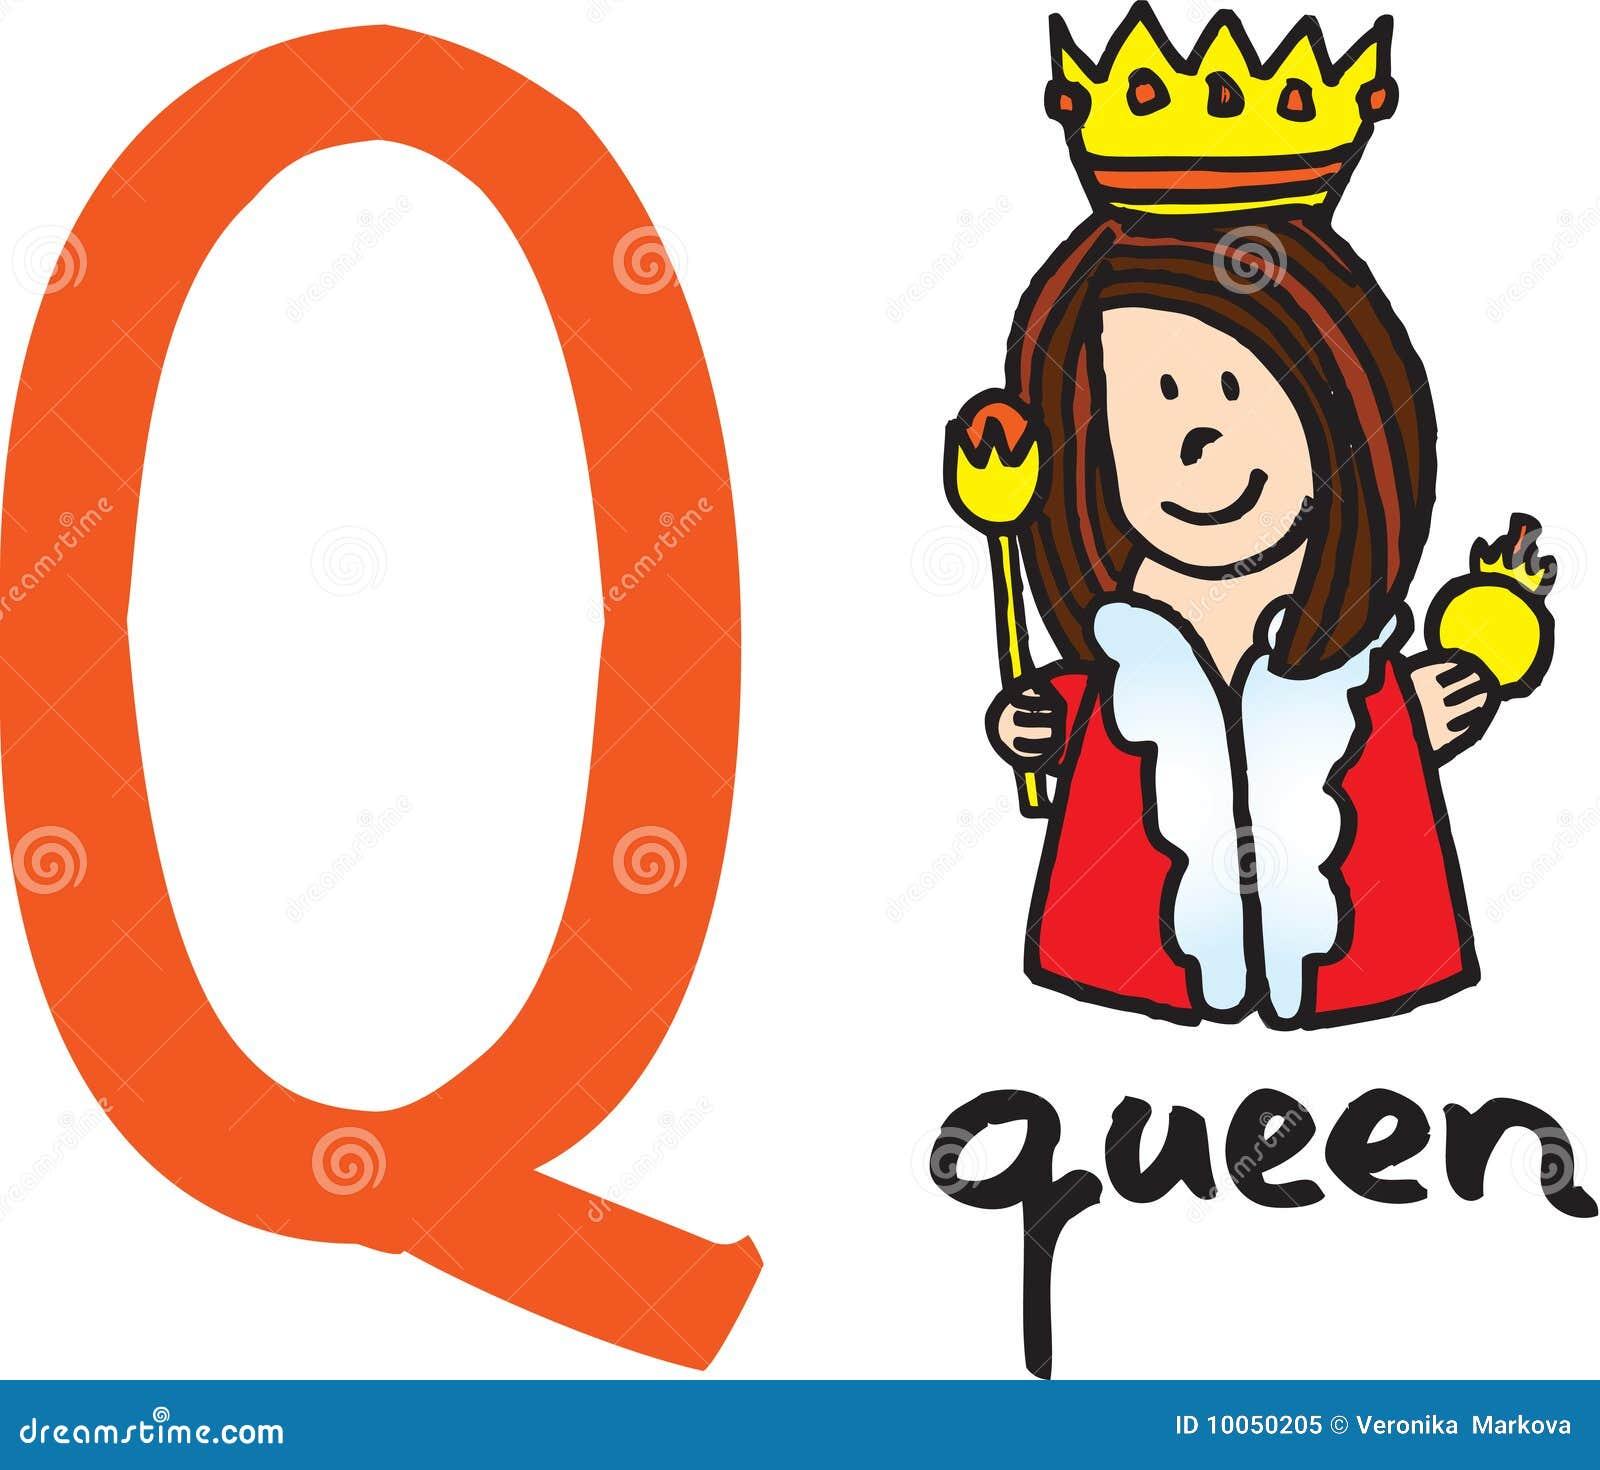 Queen Stock Vector. Illustration Of Word